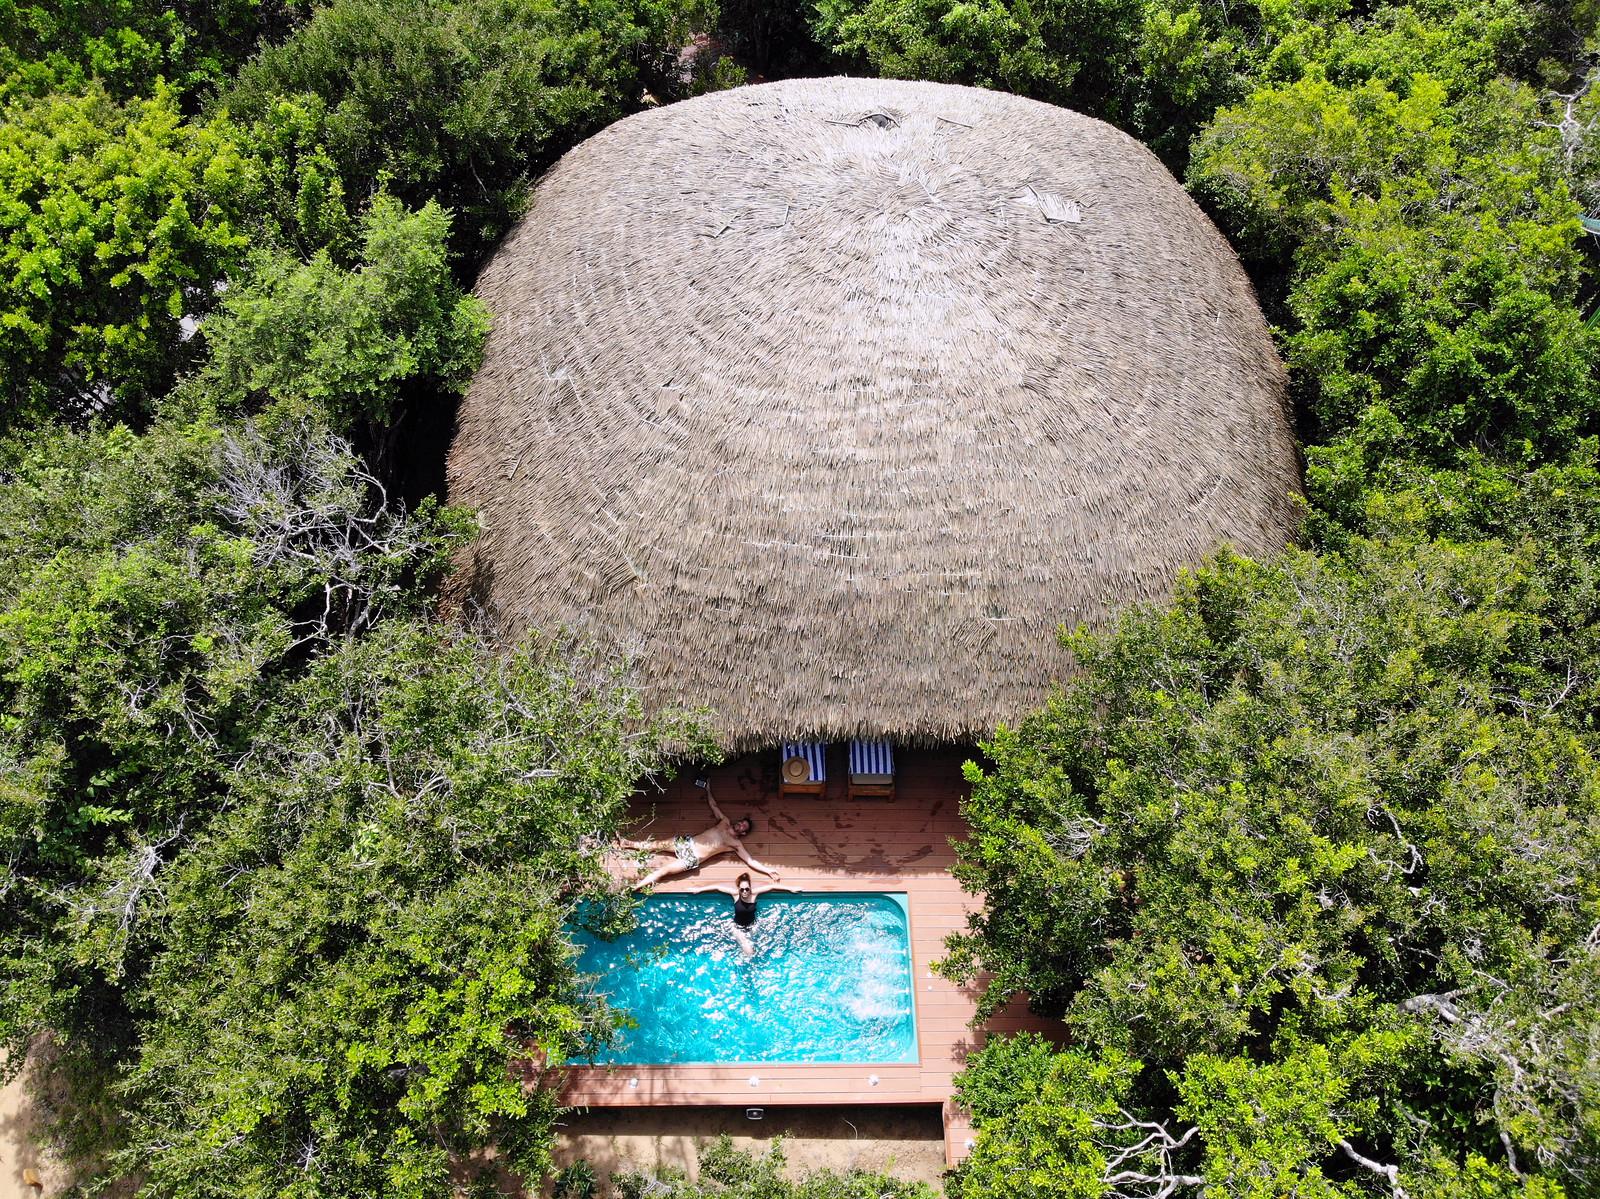 visitar el Parque Nacional de Yala en Sri Lanka, Chena Huts